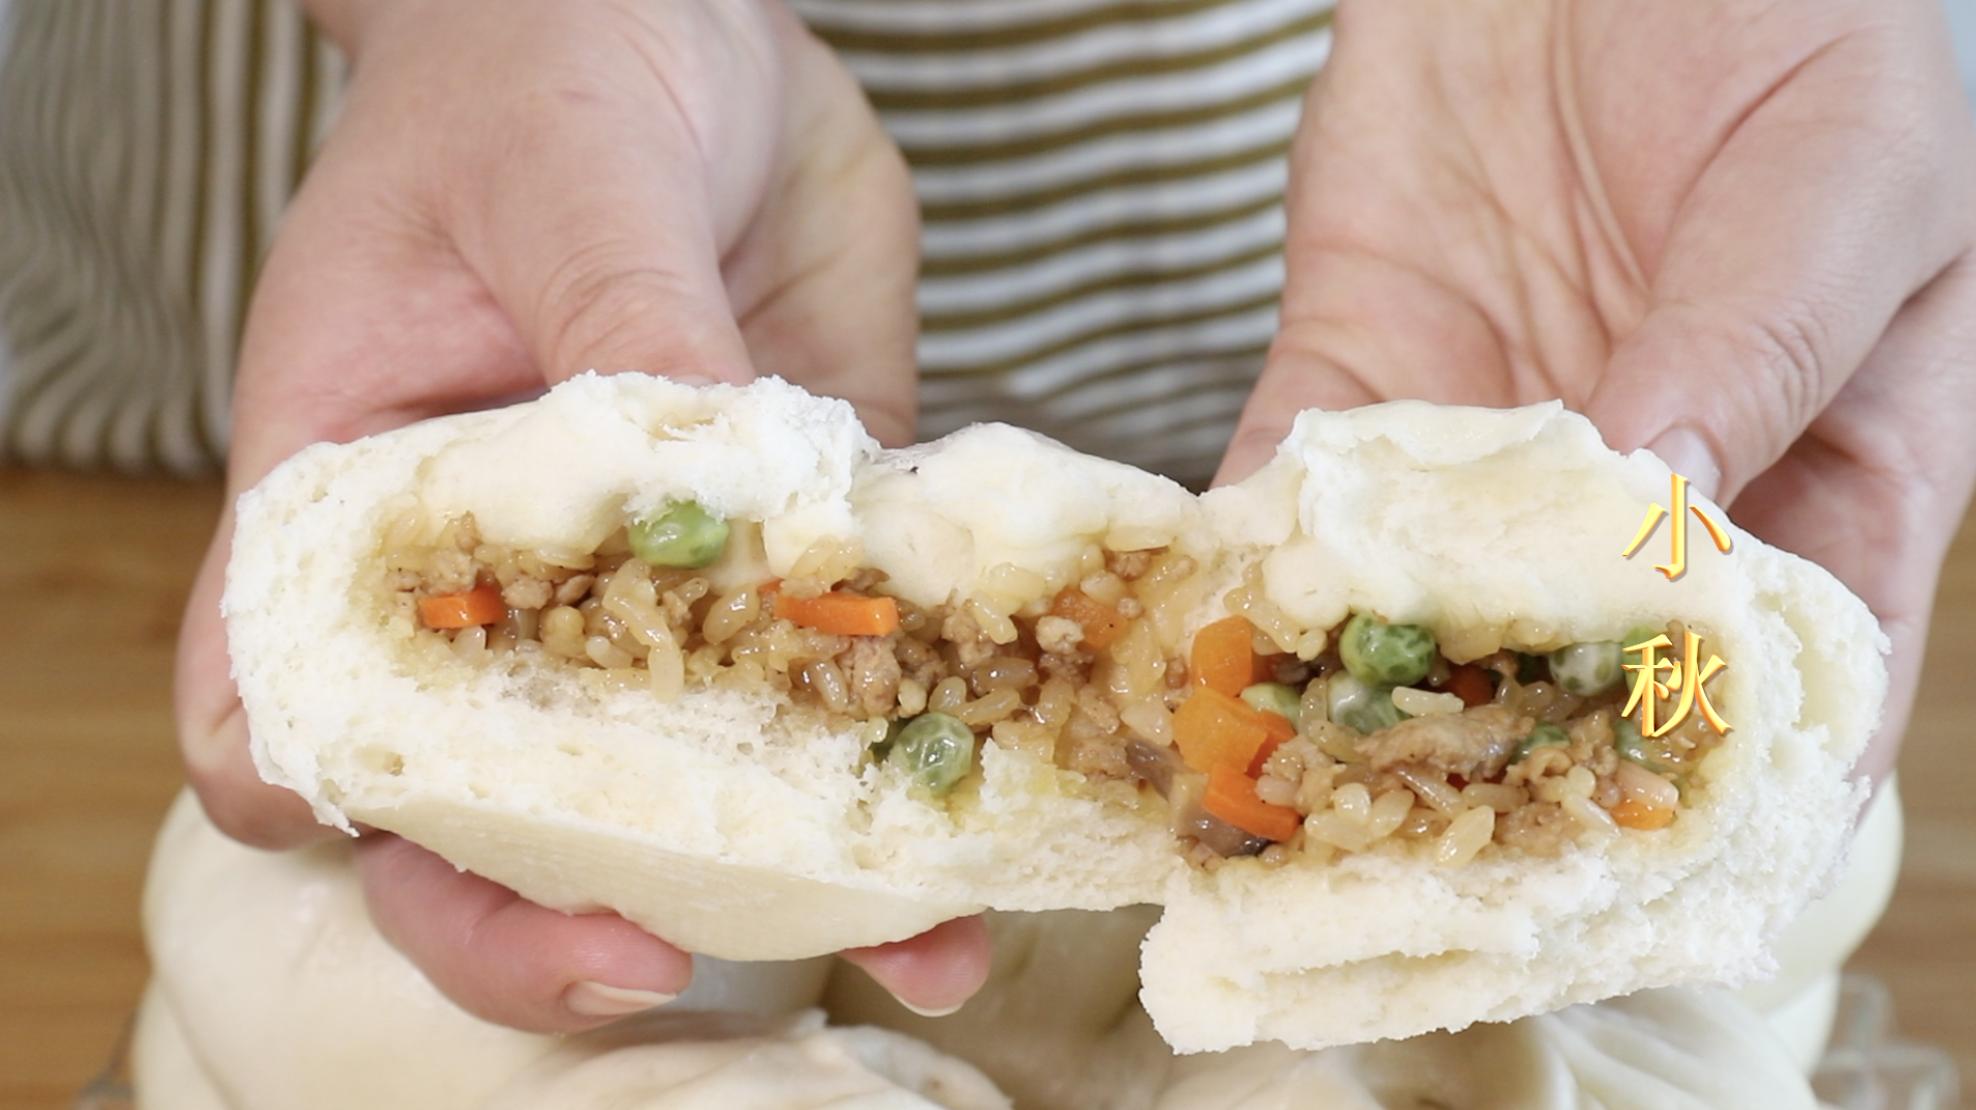 想快速吃包子,就別用老方法和麵了,教你個小技巧,15分鐘出鍋